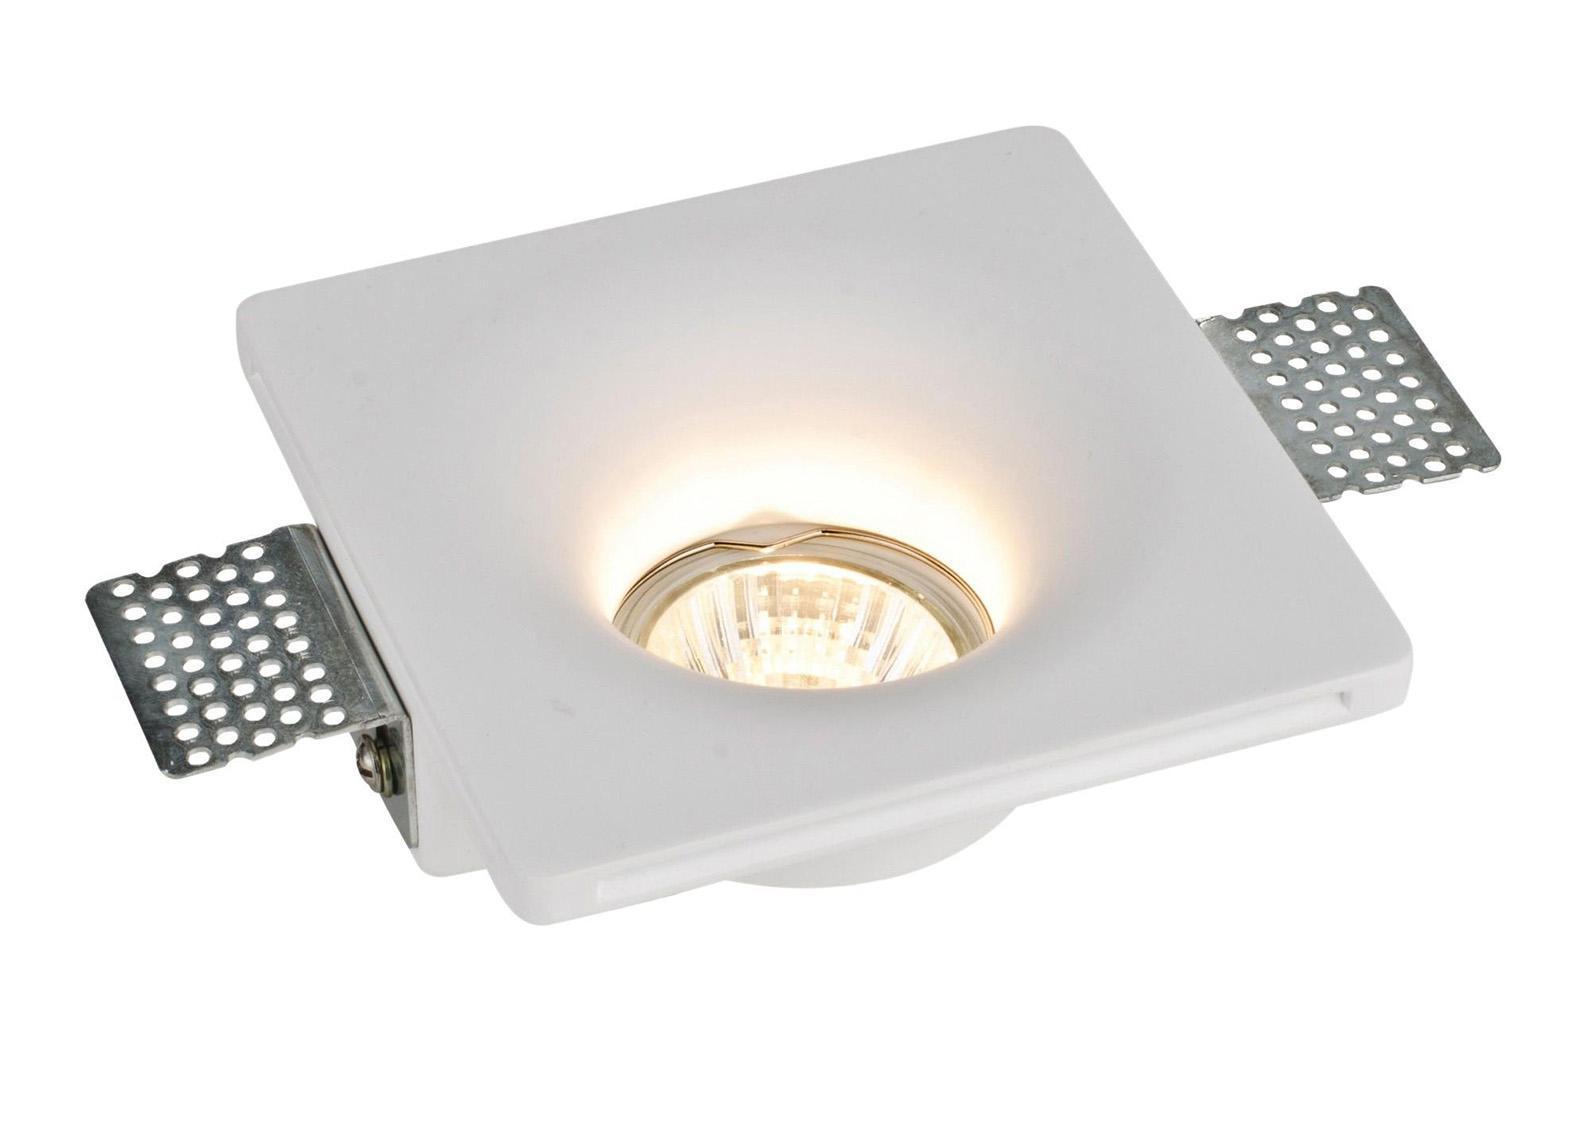 Светильник встраиваемый Arte lamp A9110pl-1wh